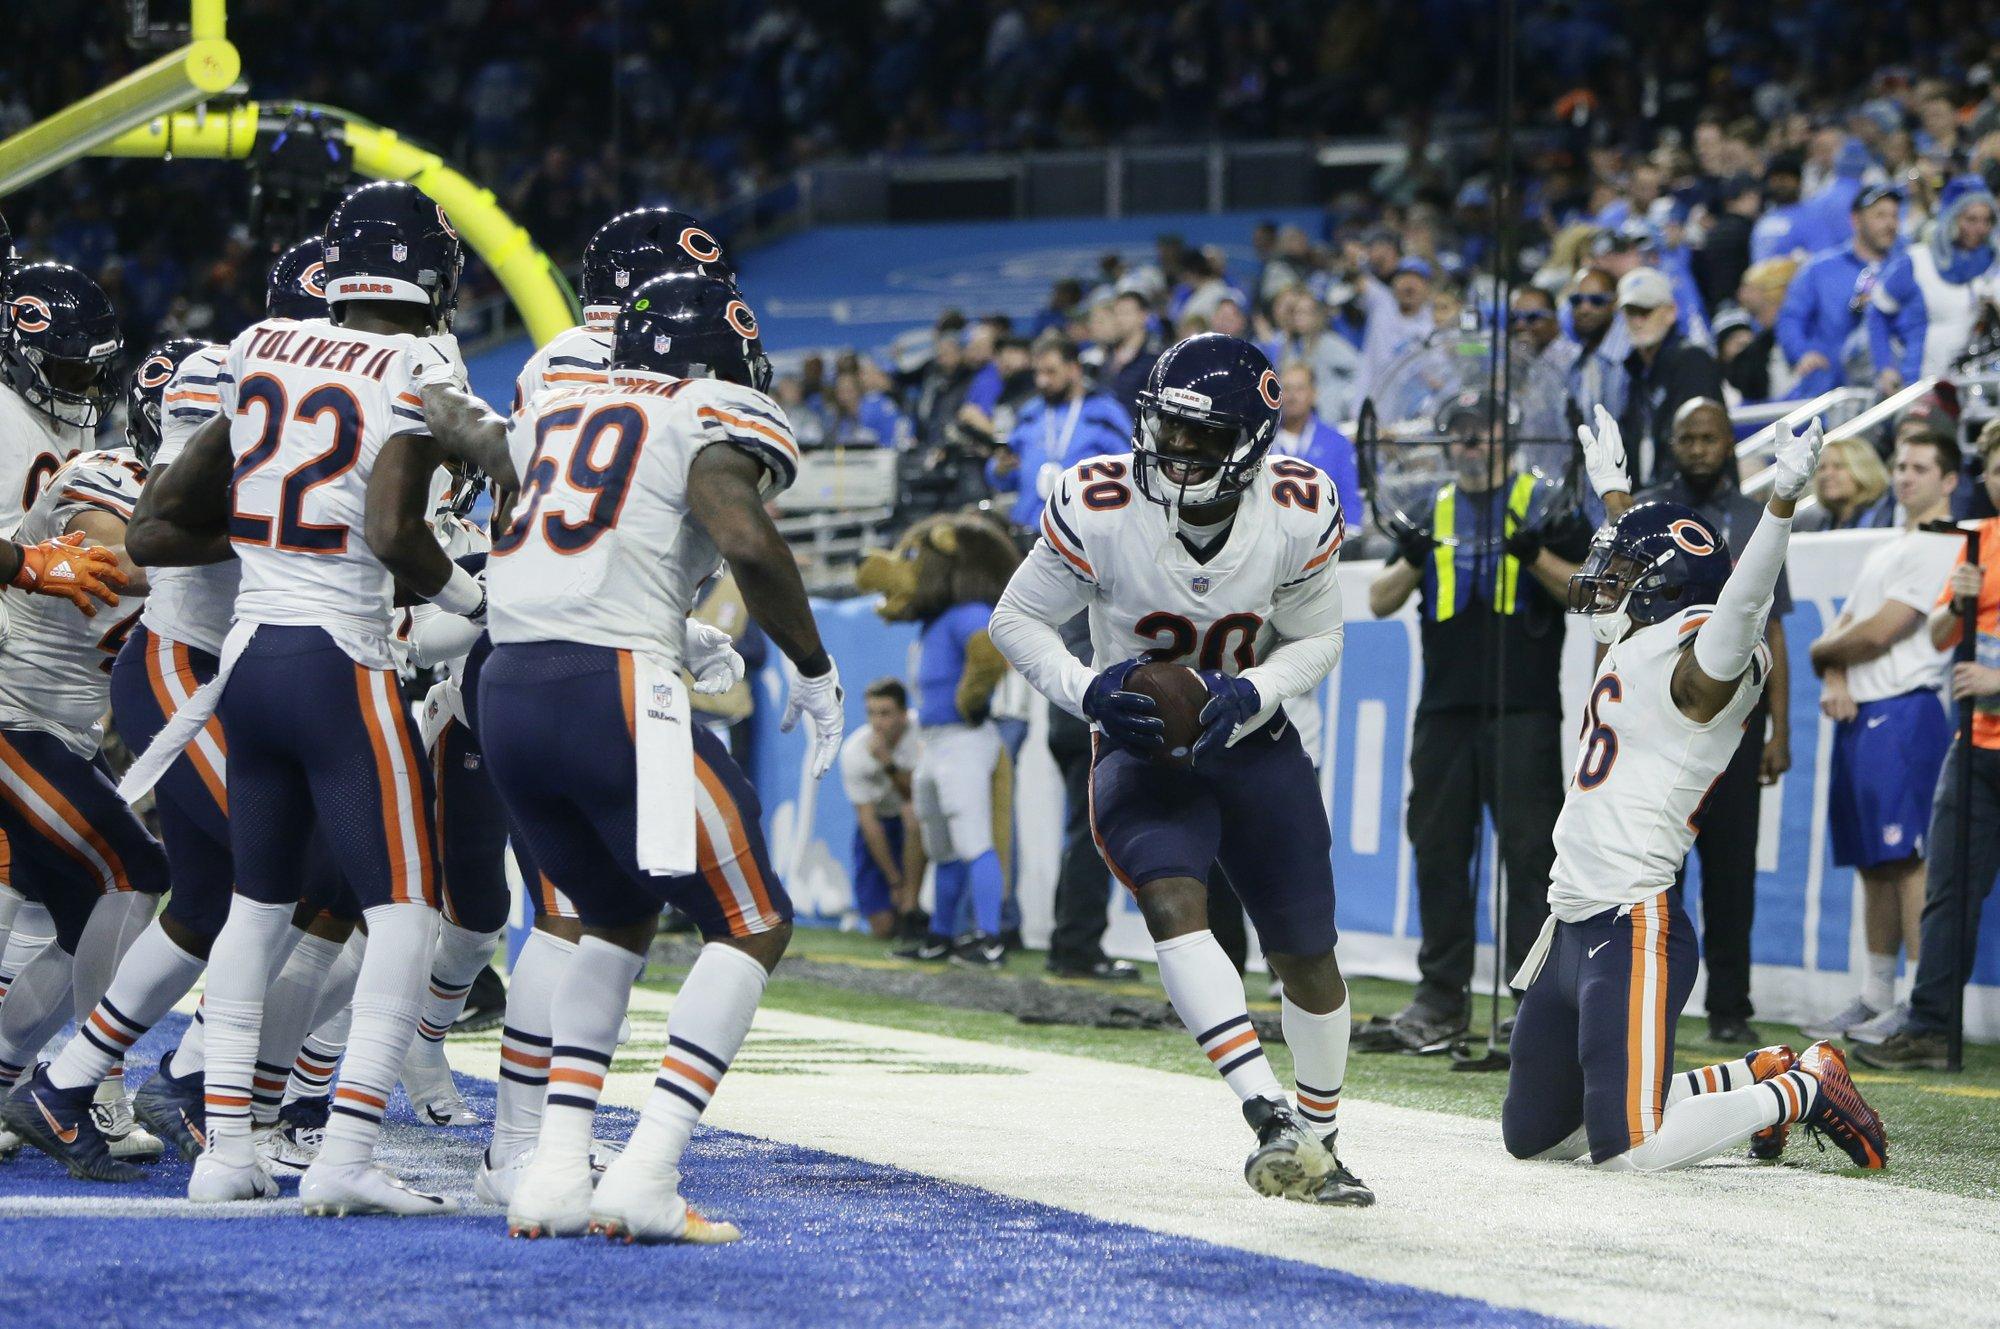 Daniel sale al rescate, Bears vencen 23-16 a Lions